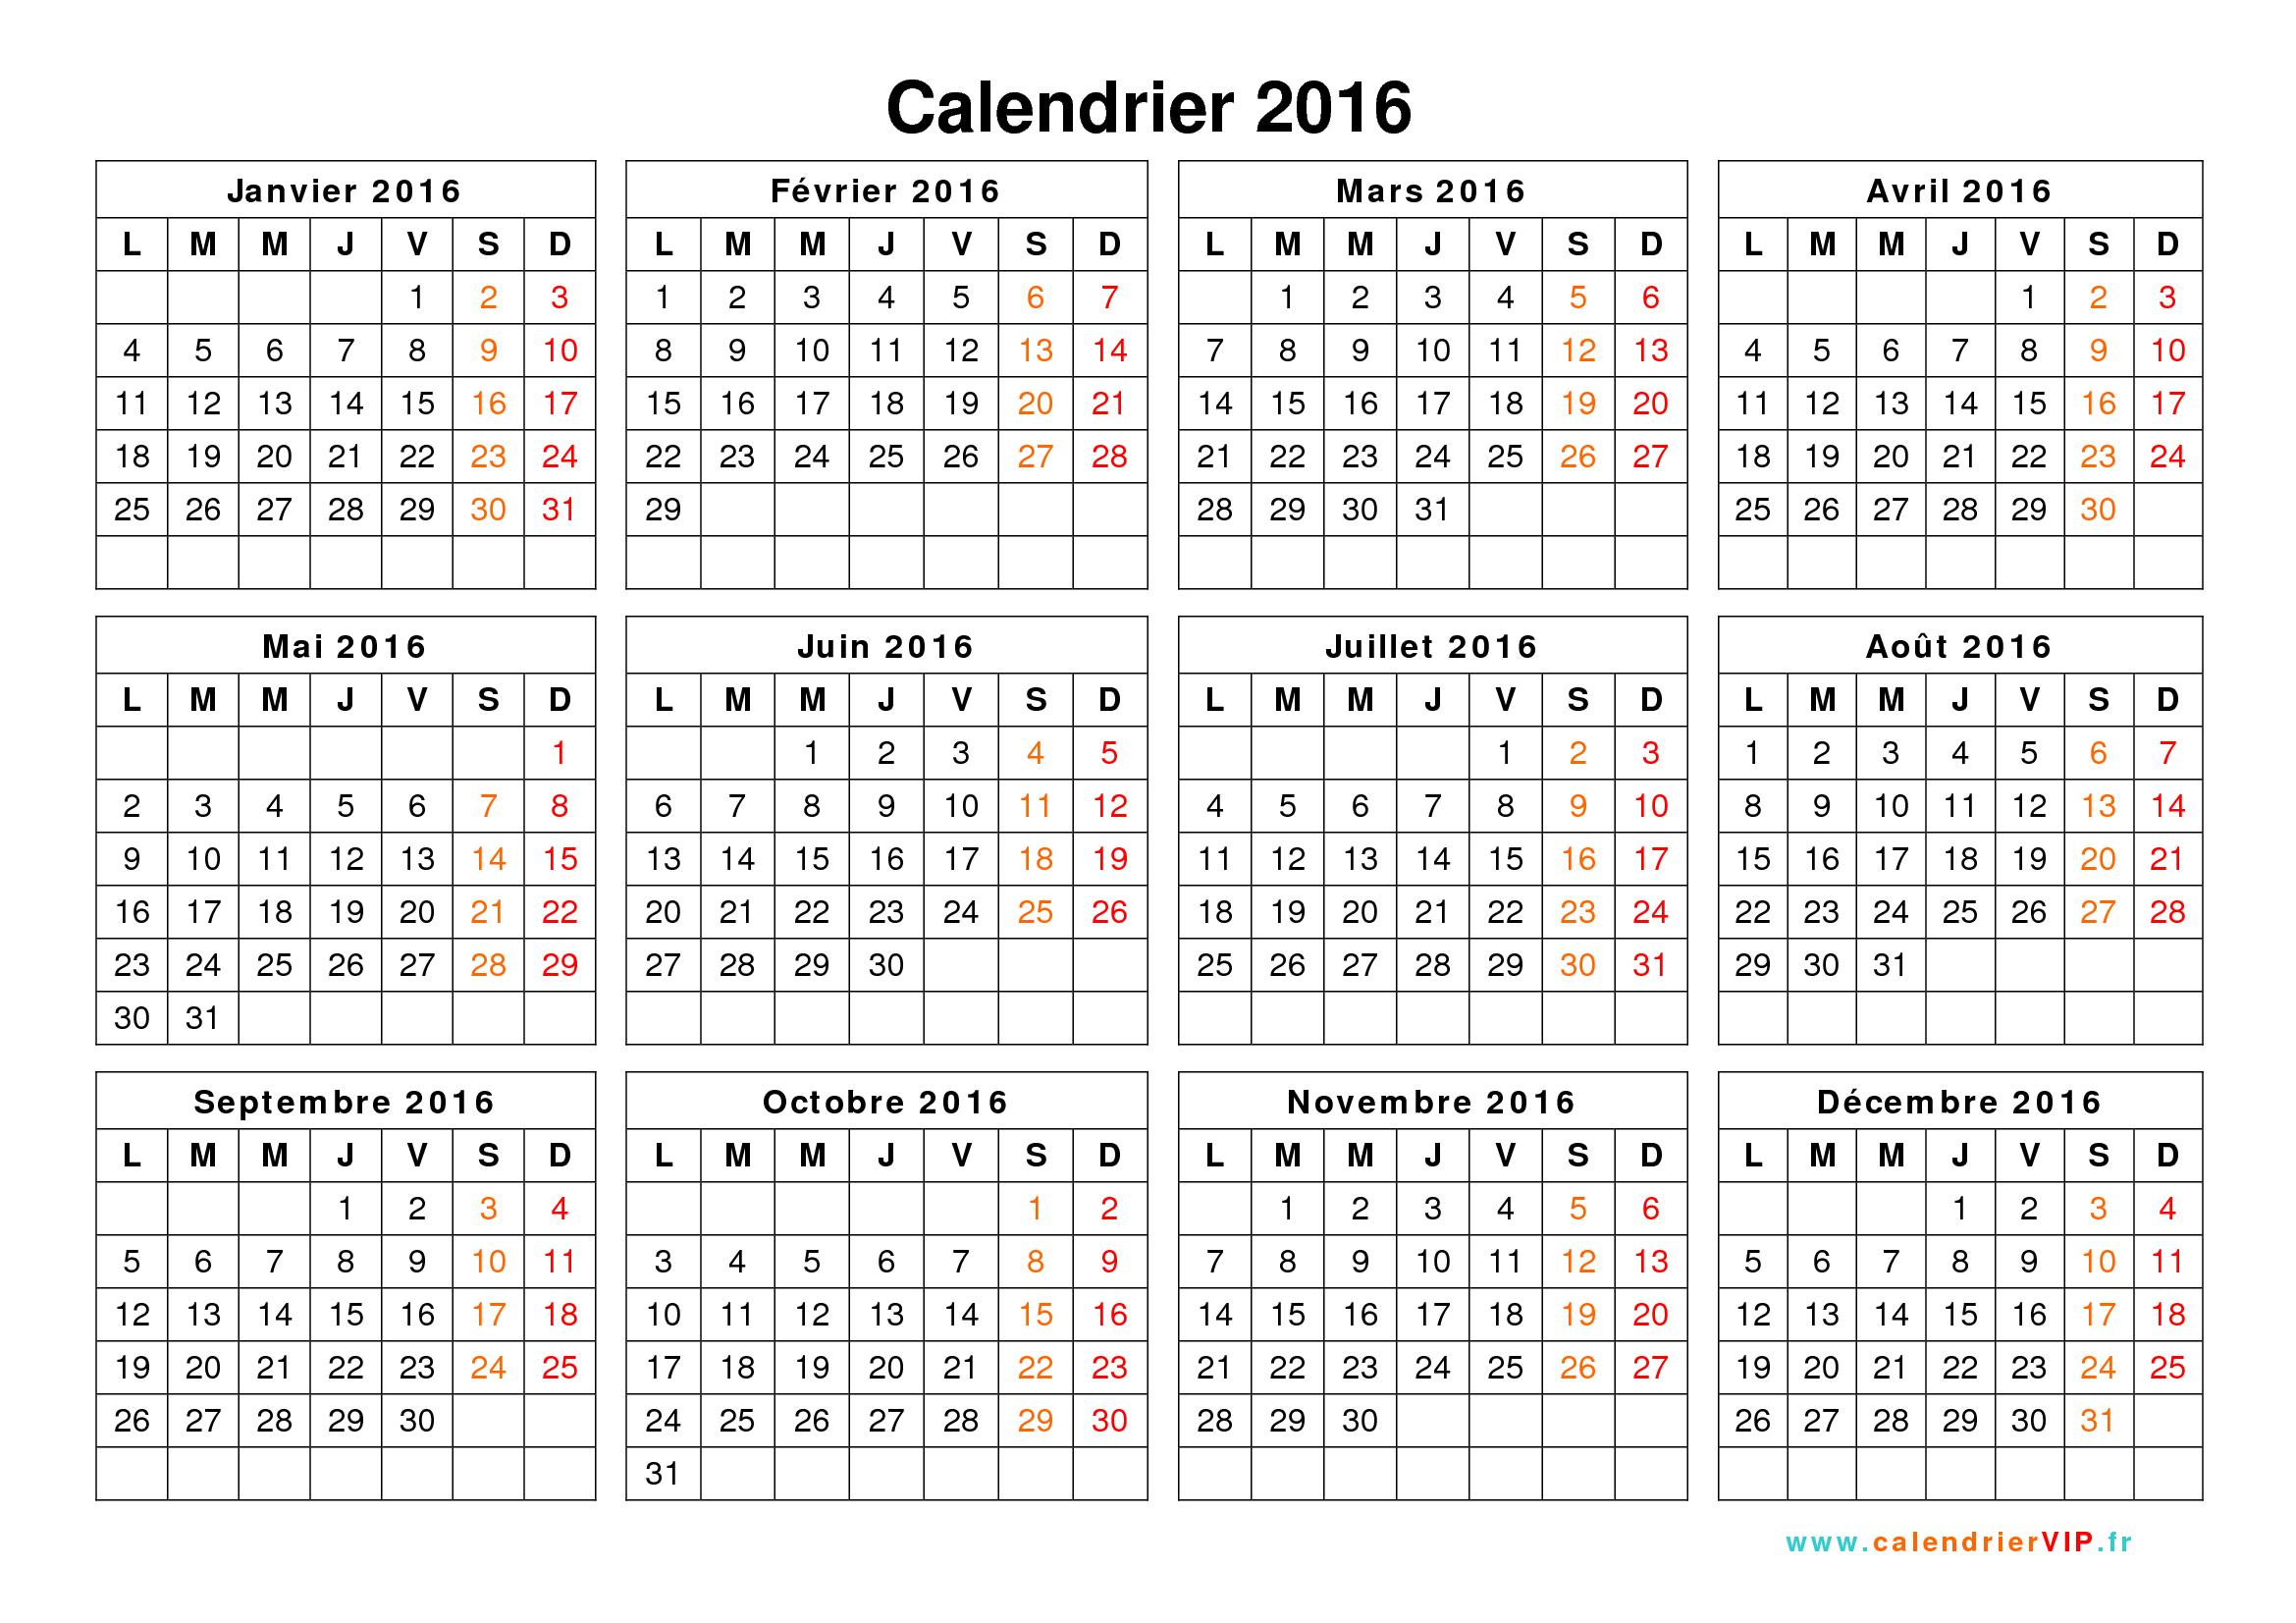 Calendrier 2016 À Imprimer Gratuit En Pdf Et Excel encequiconcerne Calendrier Des Anniversaires À Imprimer Gratuit